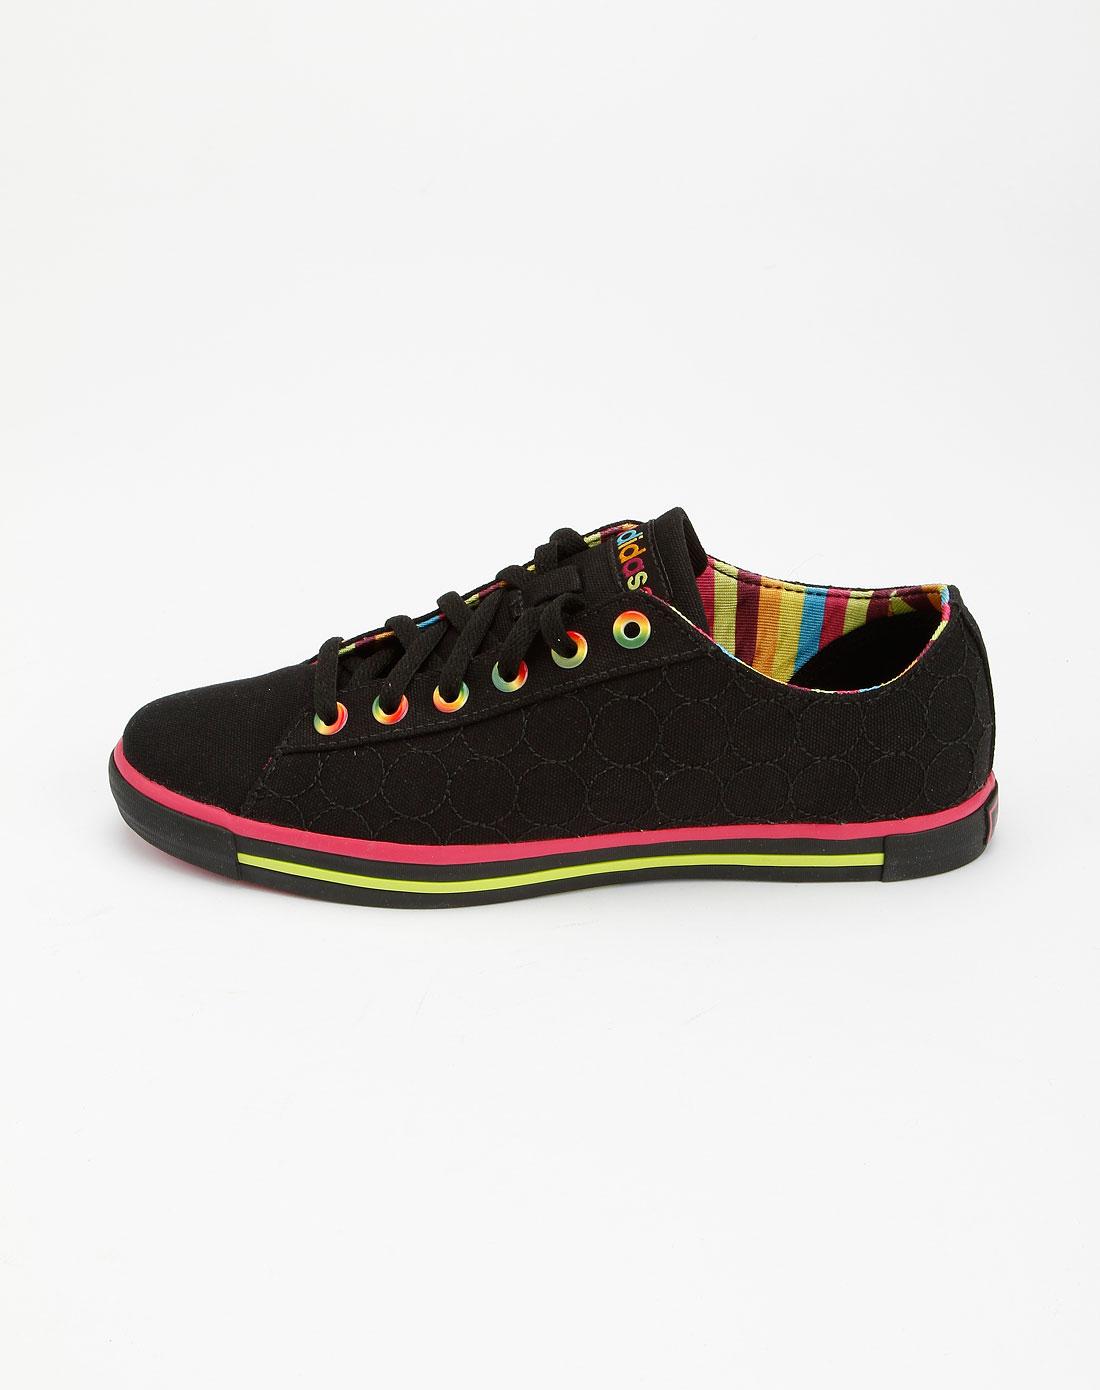 阿迪达斯adidasneo 女款黑色圆圈休闲帆布鞋g31525